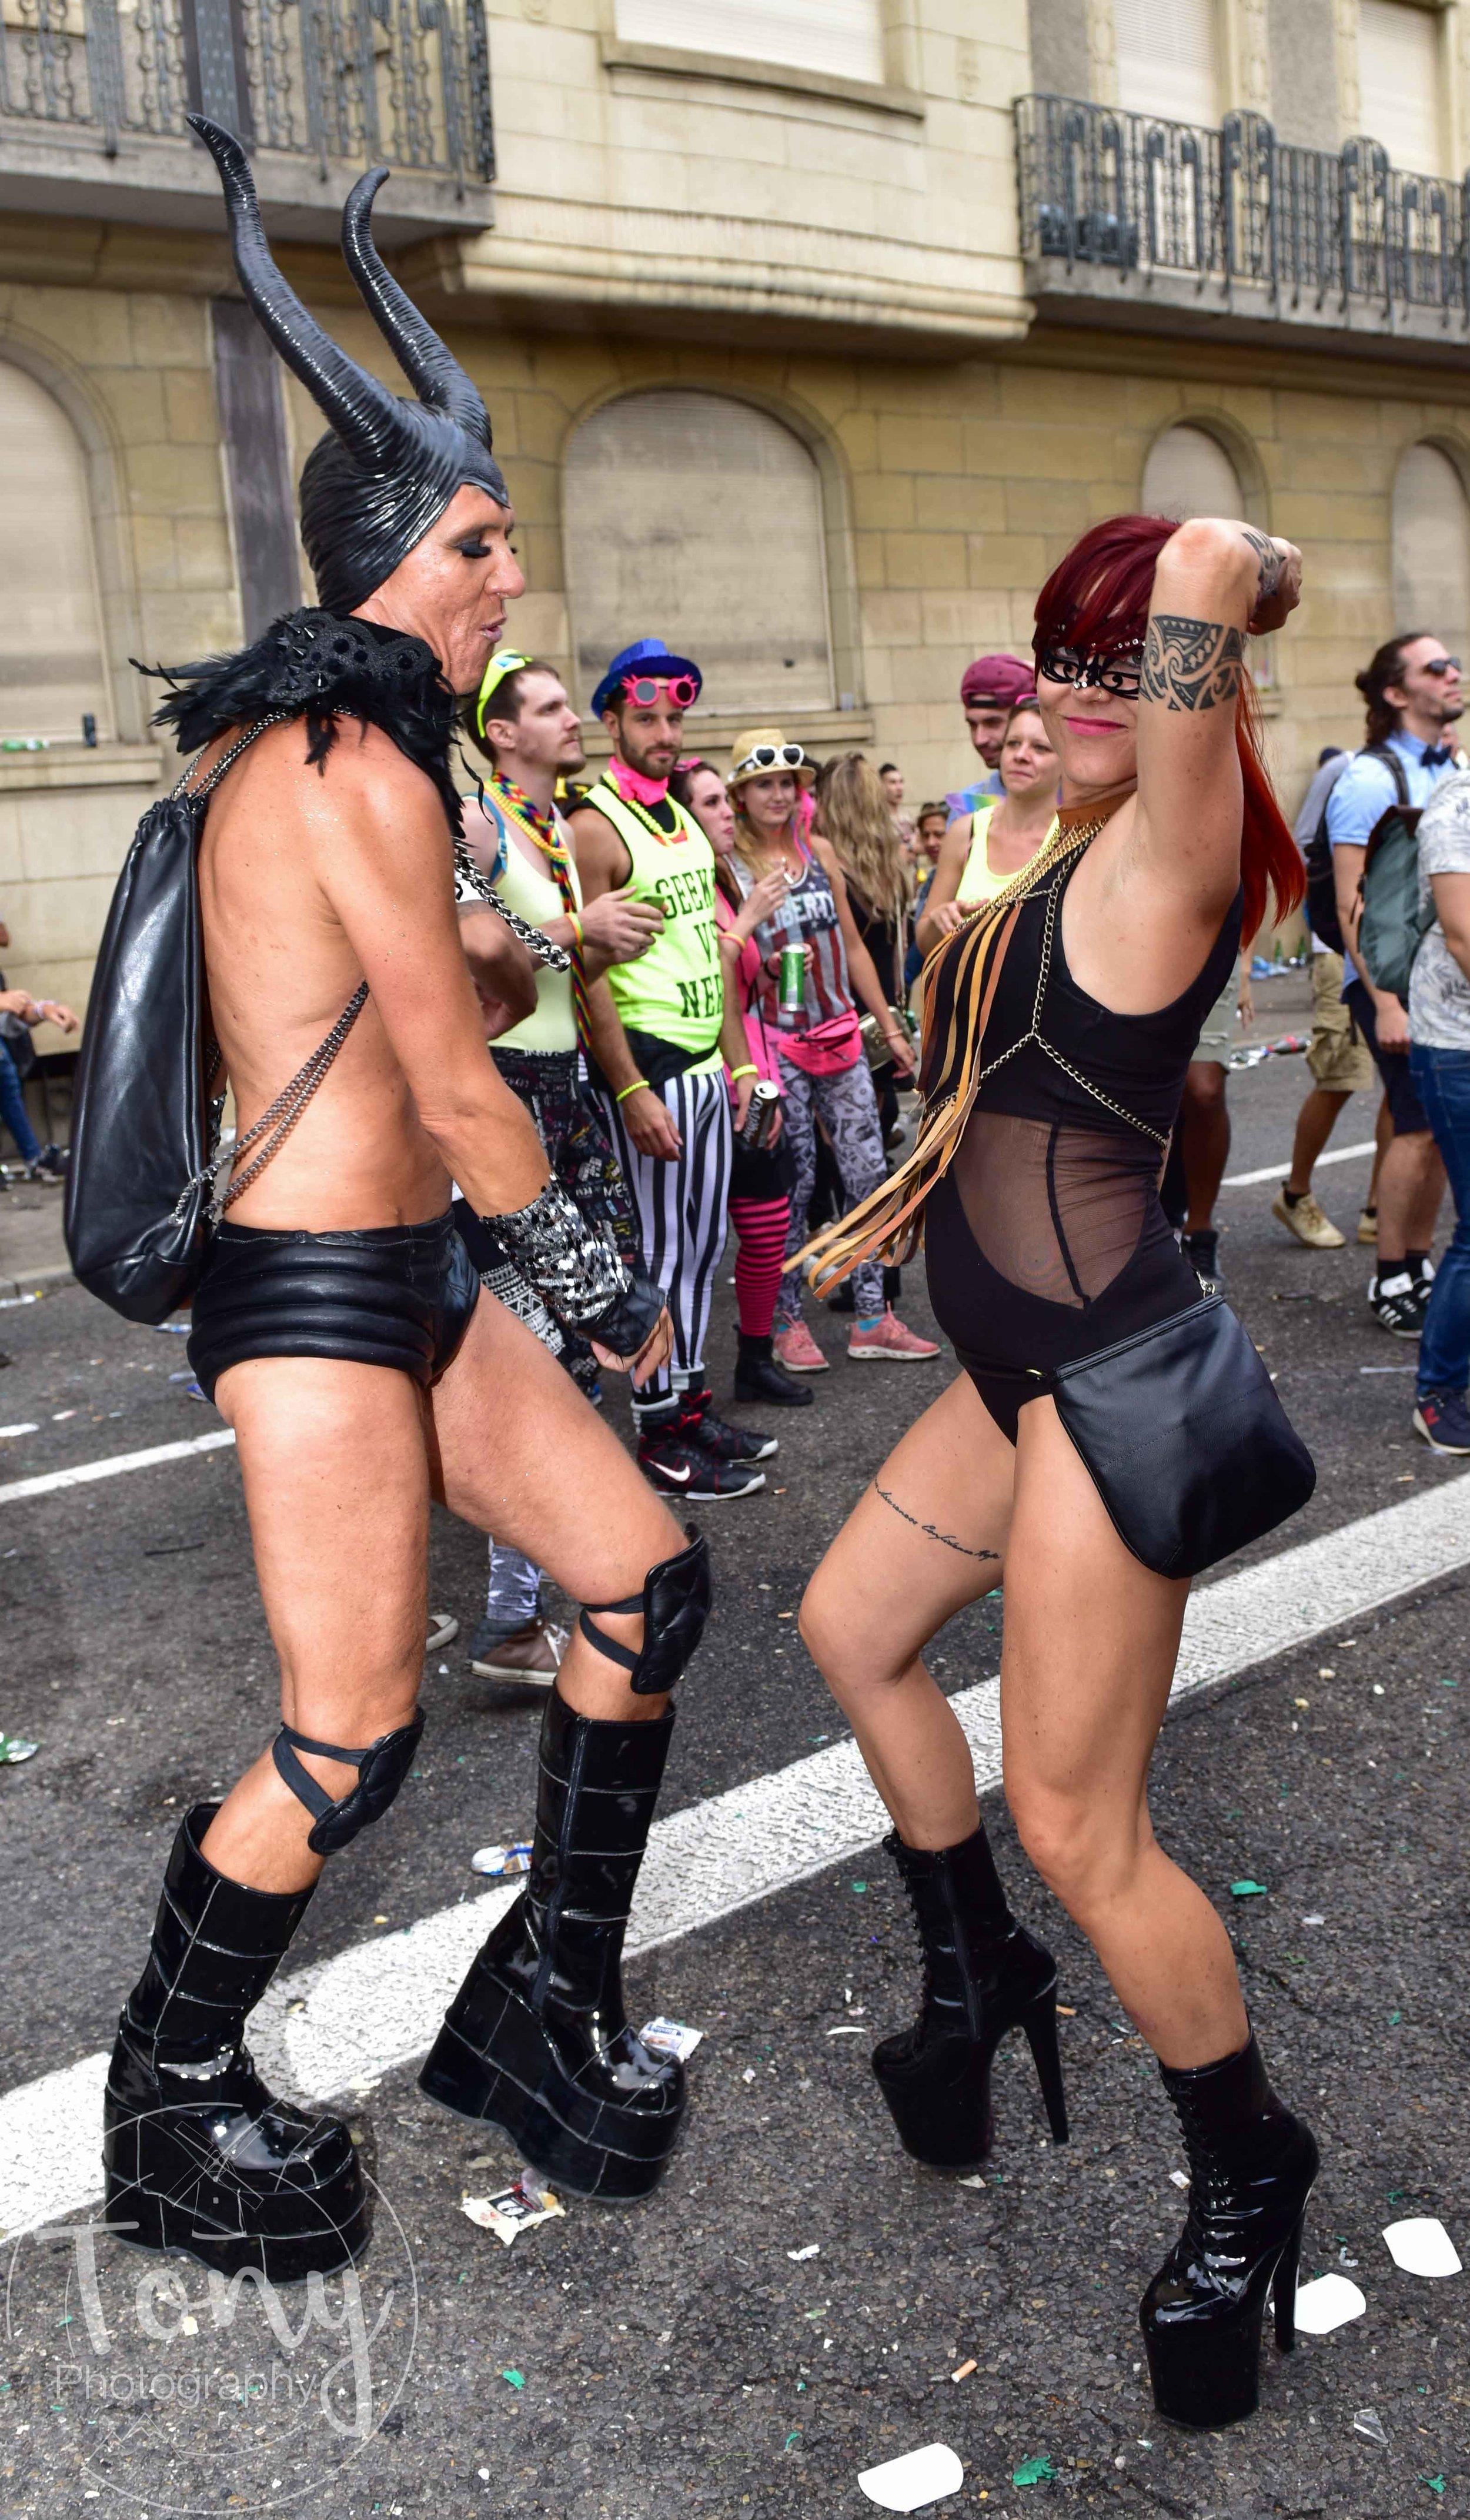 streetparade-224.jpg